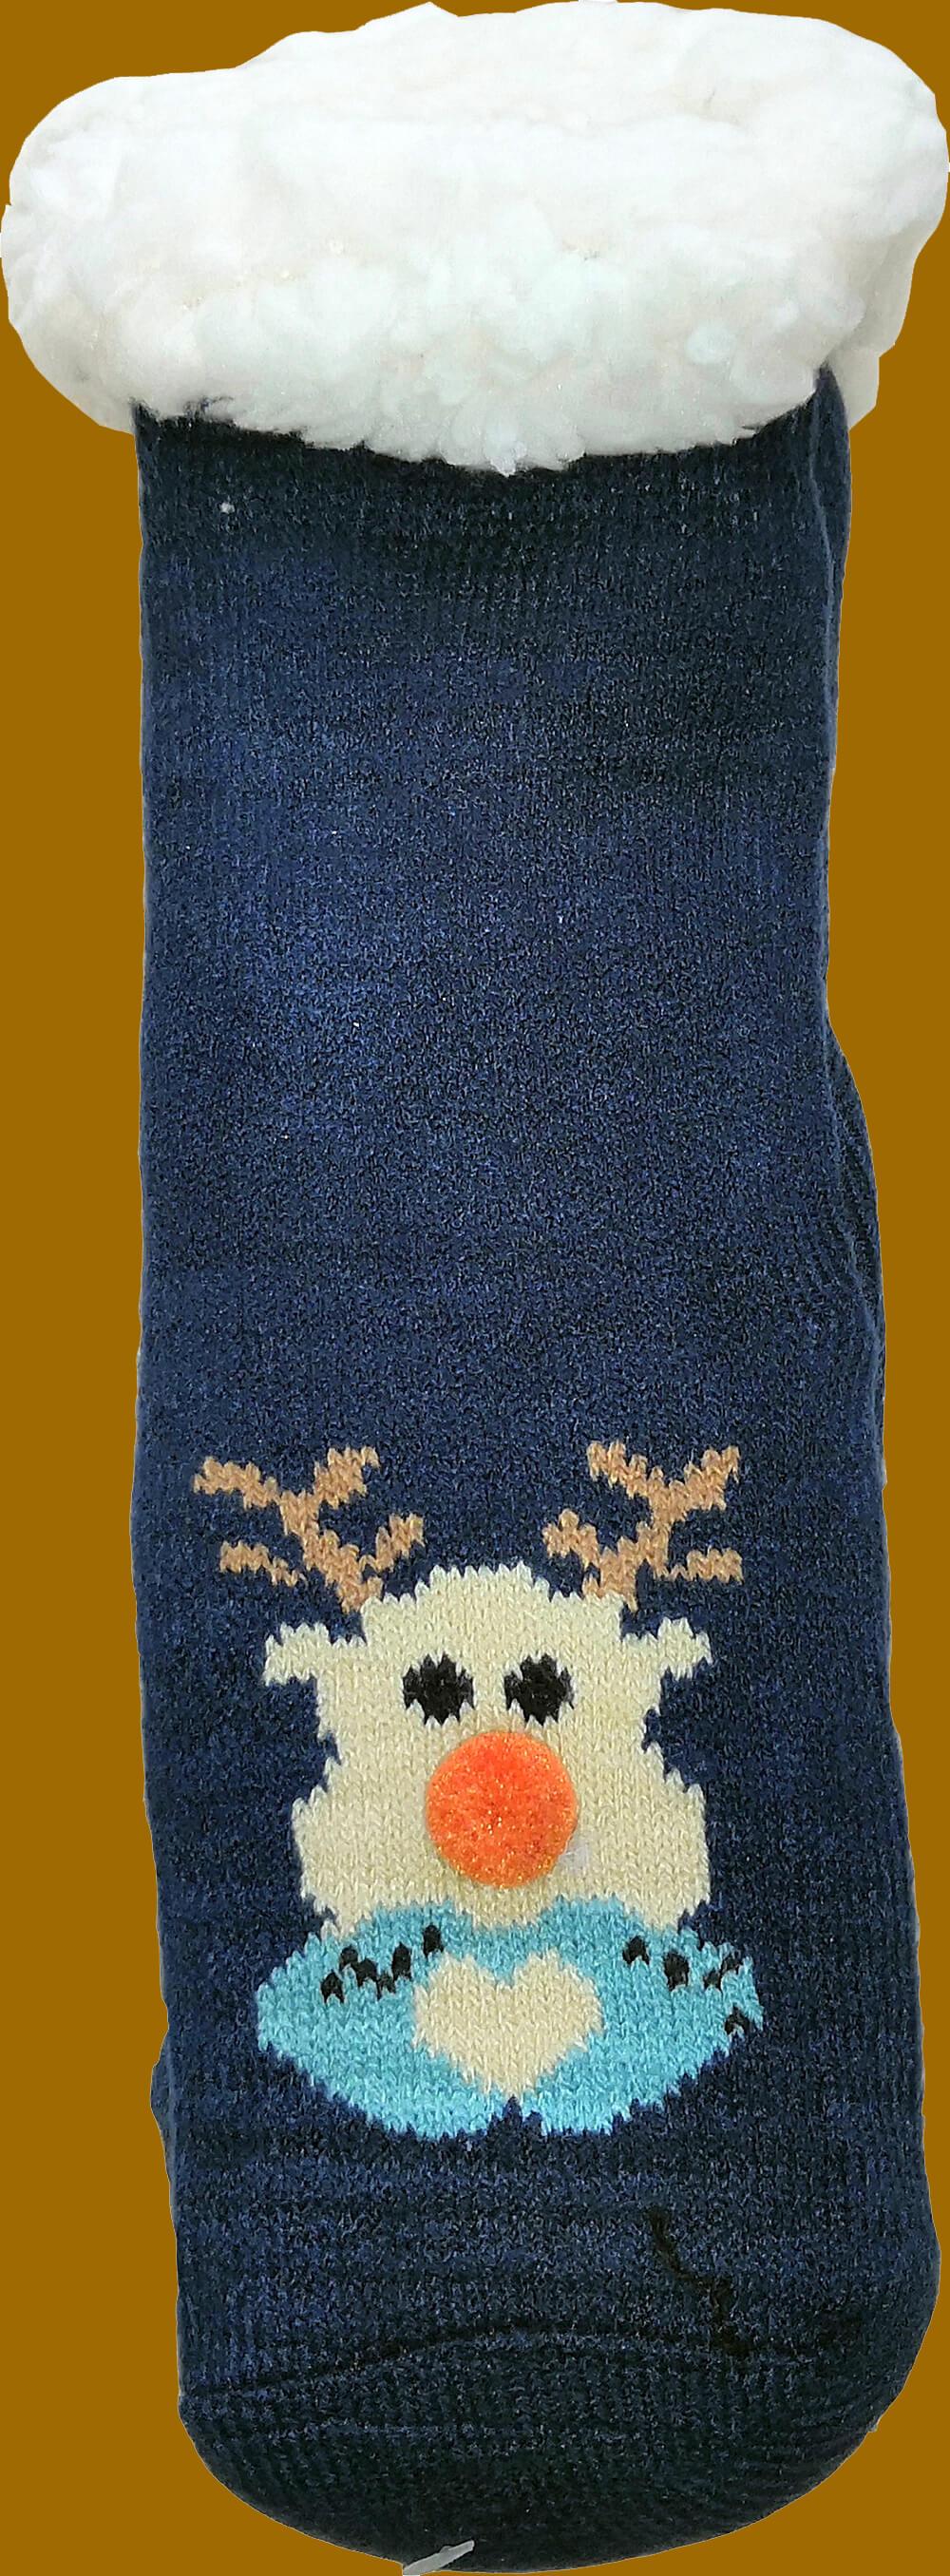 Детские носки-тапочки LookEN SM-HL-7211D-b 29-32 размера синего цвета.